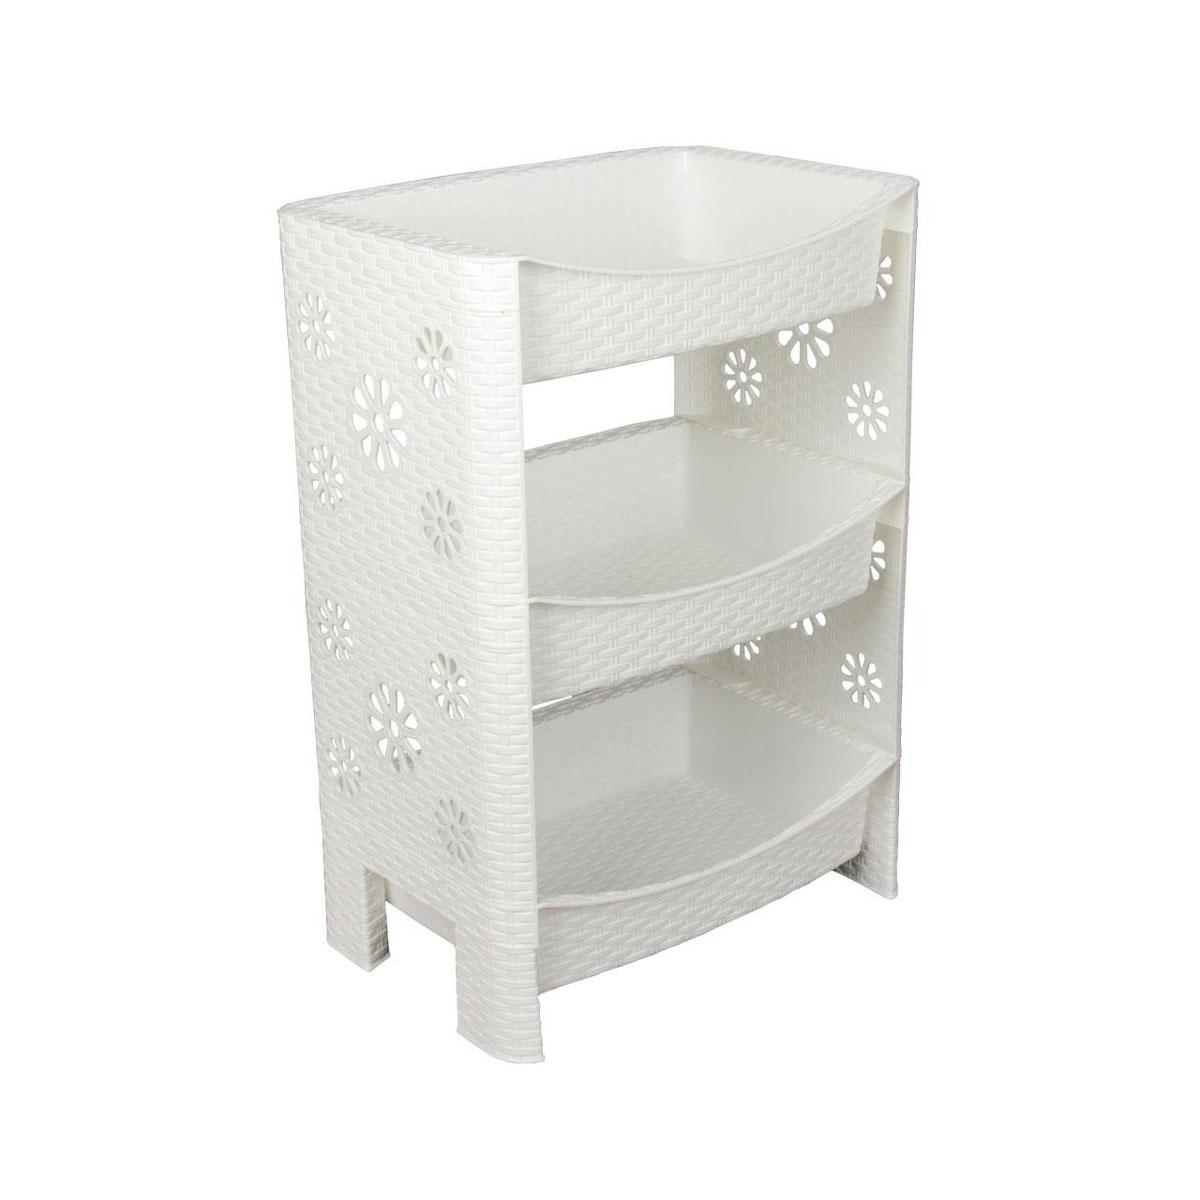 Этажерка Альтернатива Плетенка, 3-х секционная, цвет: белый, 30 х 45 х 64 см74-0140Этажерка Альтернатива Плетенка выполнена из высококачественного прочного пластика и предназначена для хранения различных предметов. Изделие имеет 3 полки прямоугольной формы. В ванной комнате вы можете использовать этажерку для хранения шампуней, гелей, жидкого мыла, стиральных порошков, полотенец и т.д. Ручной инструмент и детали в вашем гараже всегда будут под рукой. Удобно ставить банки с краской, бутылки с растворителем. В гостиной этажерка позволит удобно хранить под рукой книги, журналы, газеты. С помощью этажерки также легко навести порядок в детской, она позволит удобно и компактно хранить игрушки, письменные принадлежности и учебники. Этажерка - это идеальное решение для любого помещения. Она поможет поддерживать чистоту, компактно организовать пространство и хранить вещи в порядке, а стильный дизайн сделает этажерку ярким украшением интерьера.